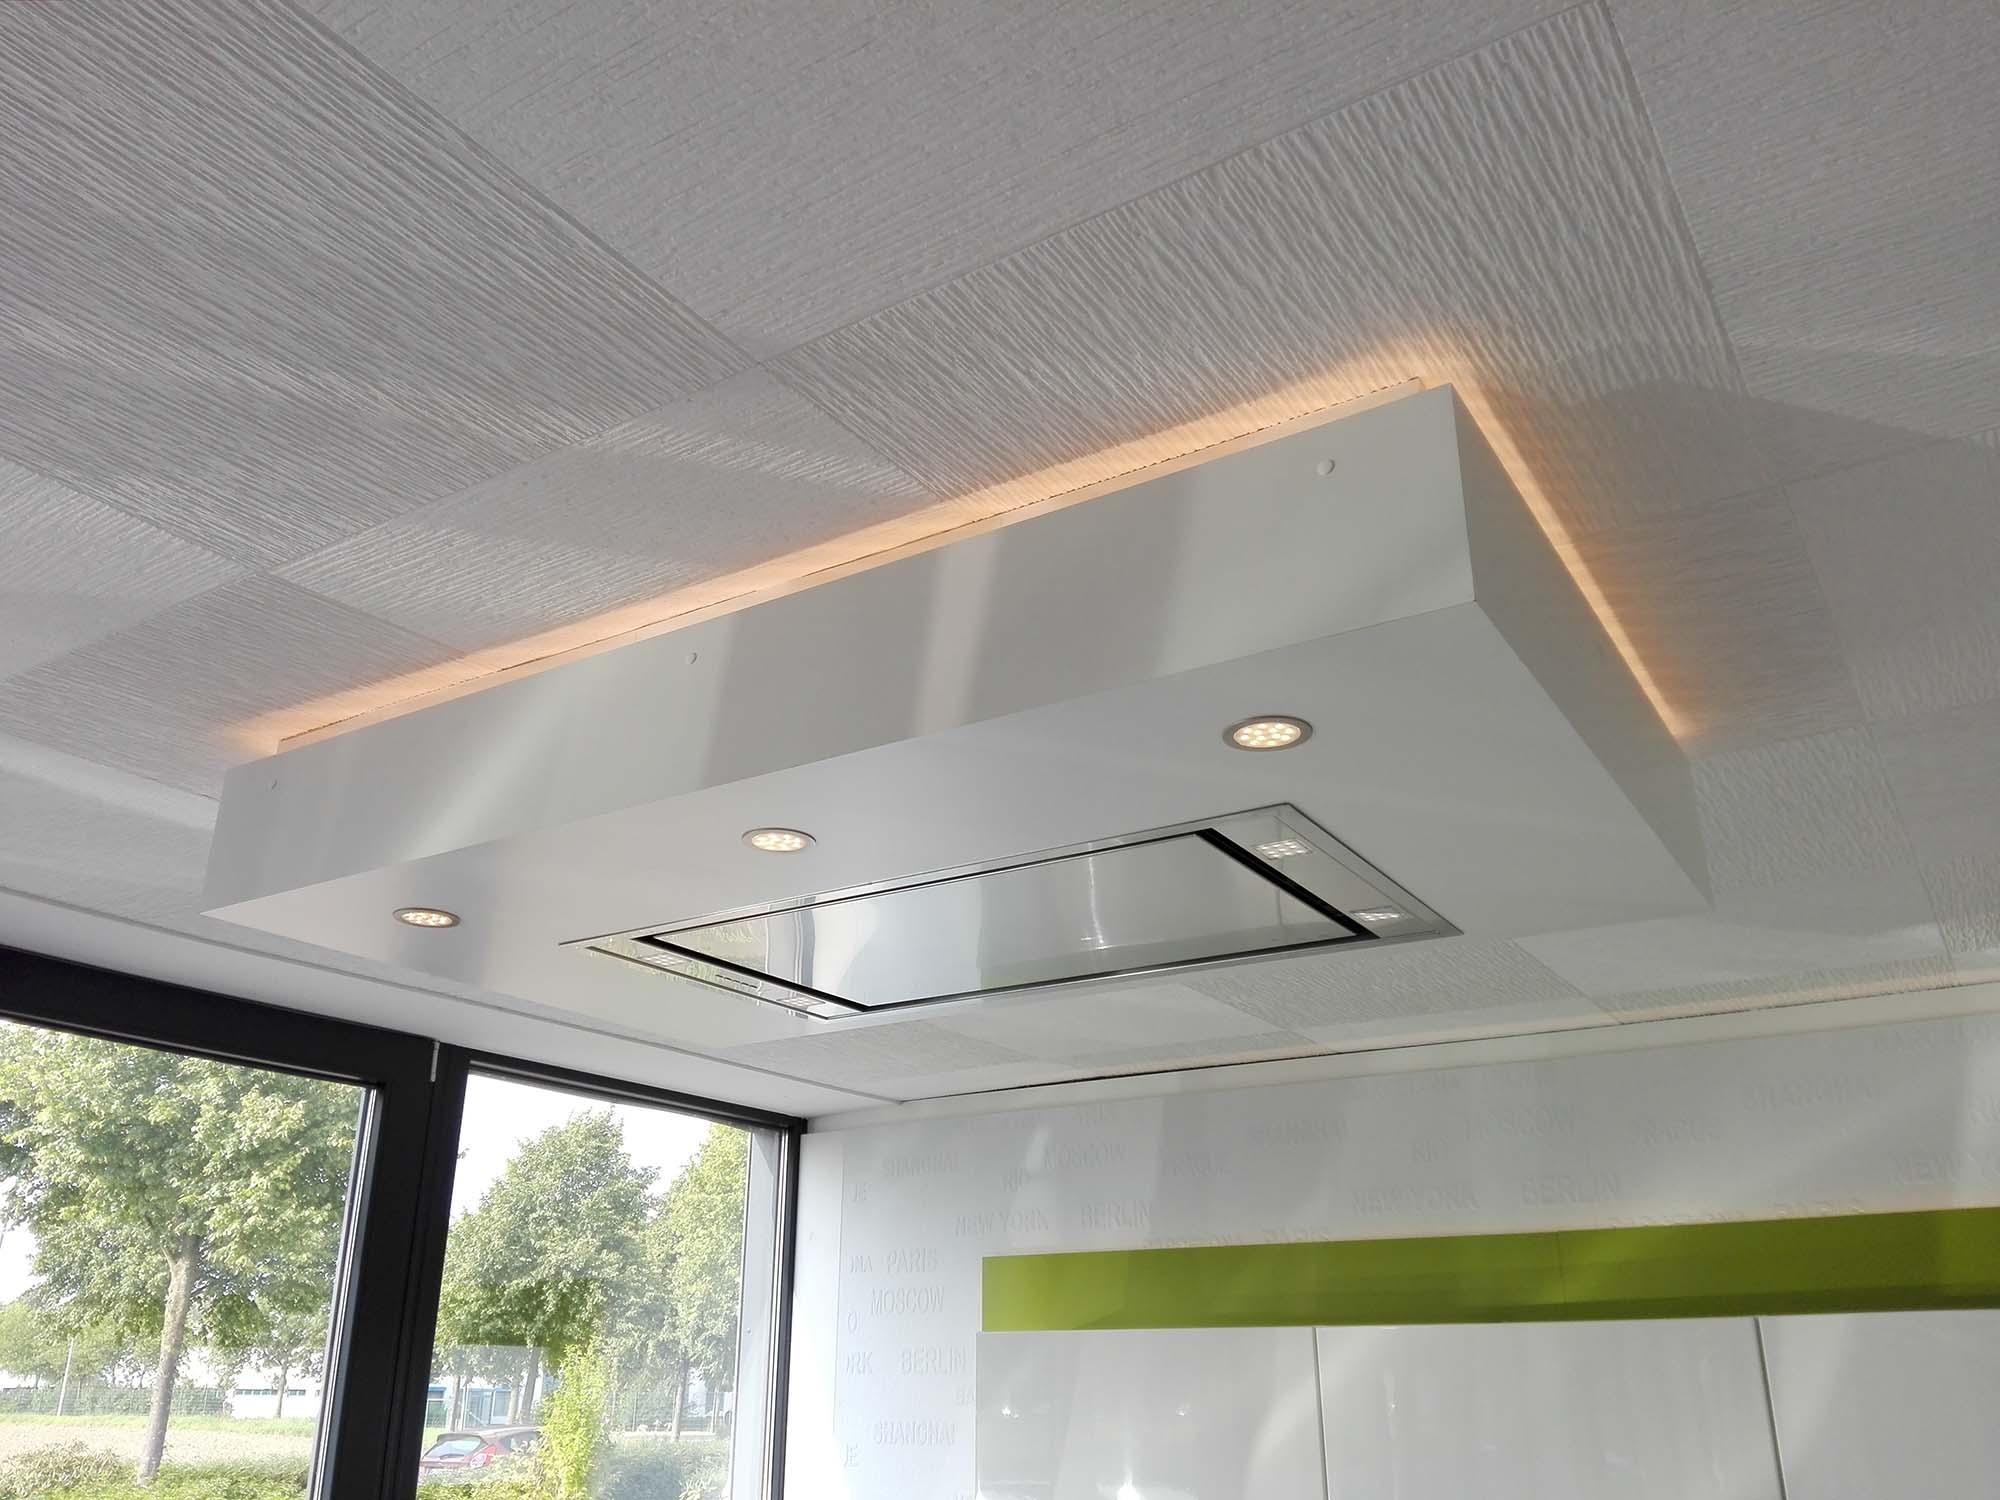 Deckenabkastung mit Deckenlüfter und LED-Beleuchtung